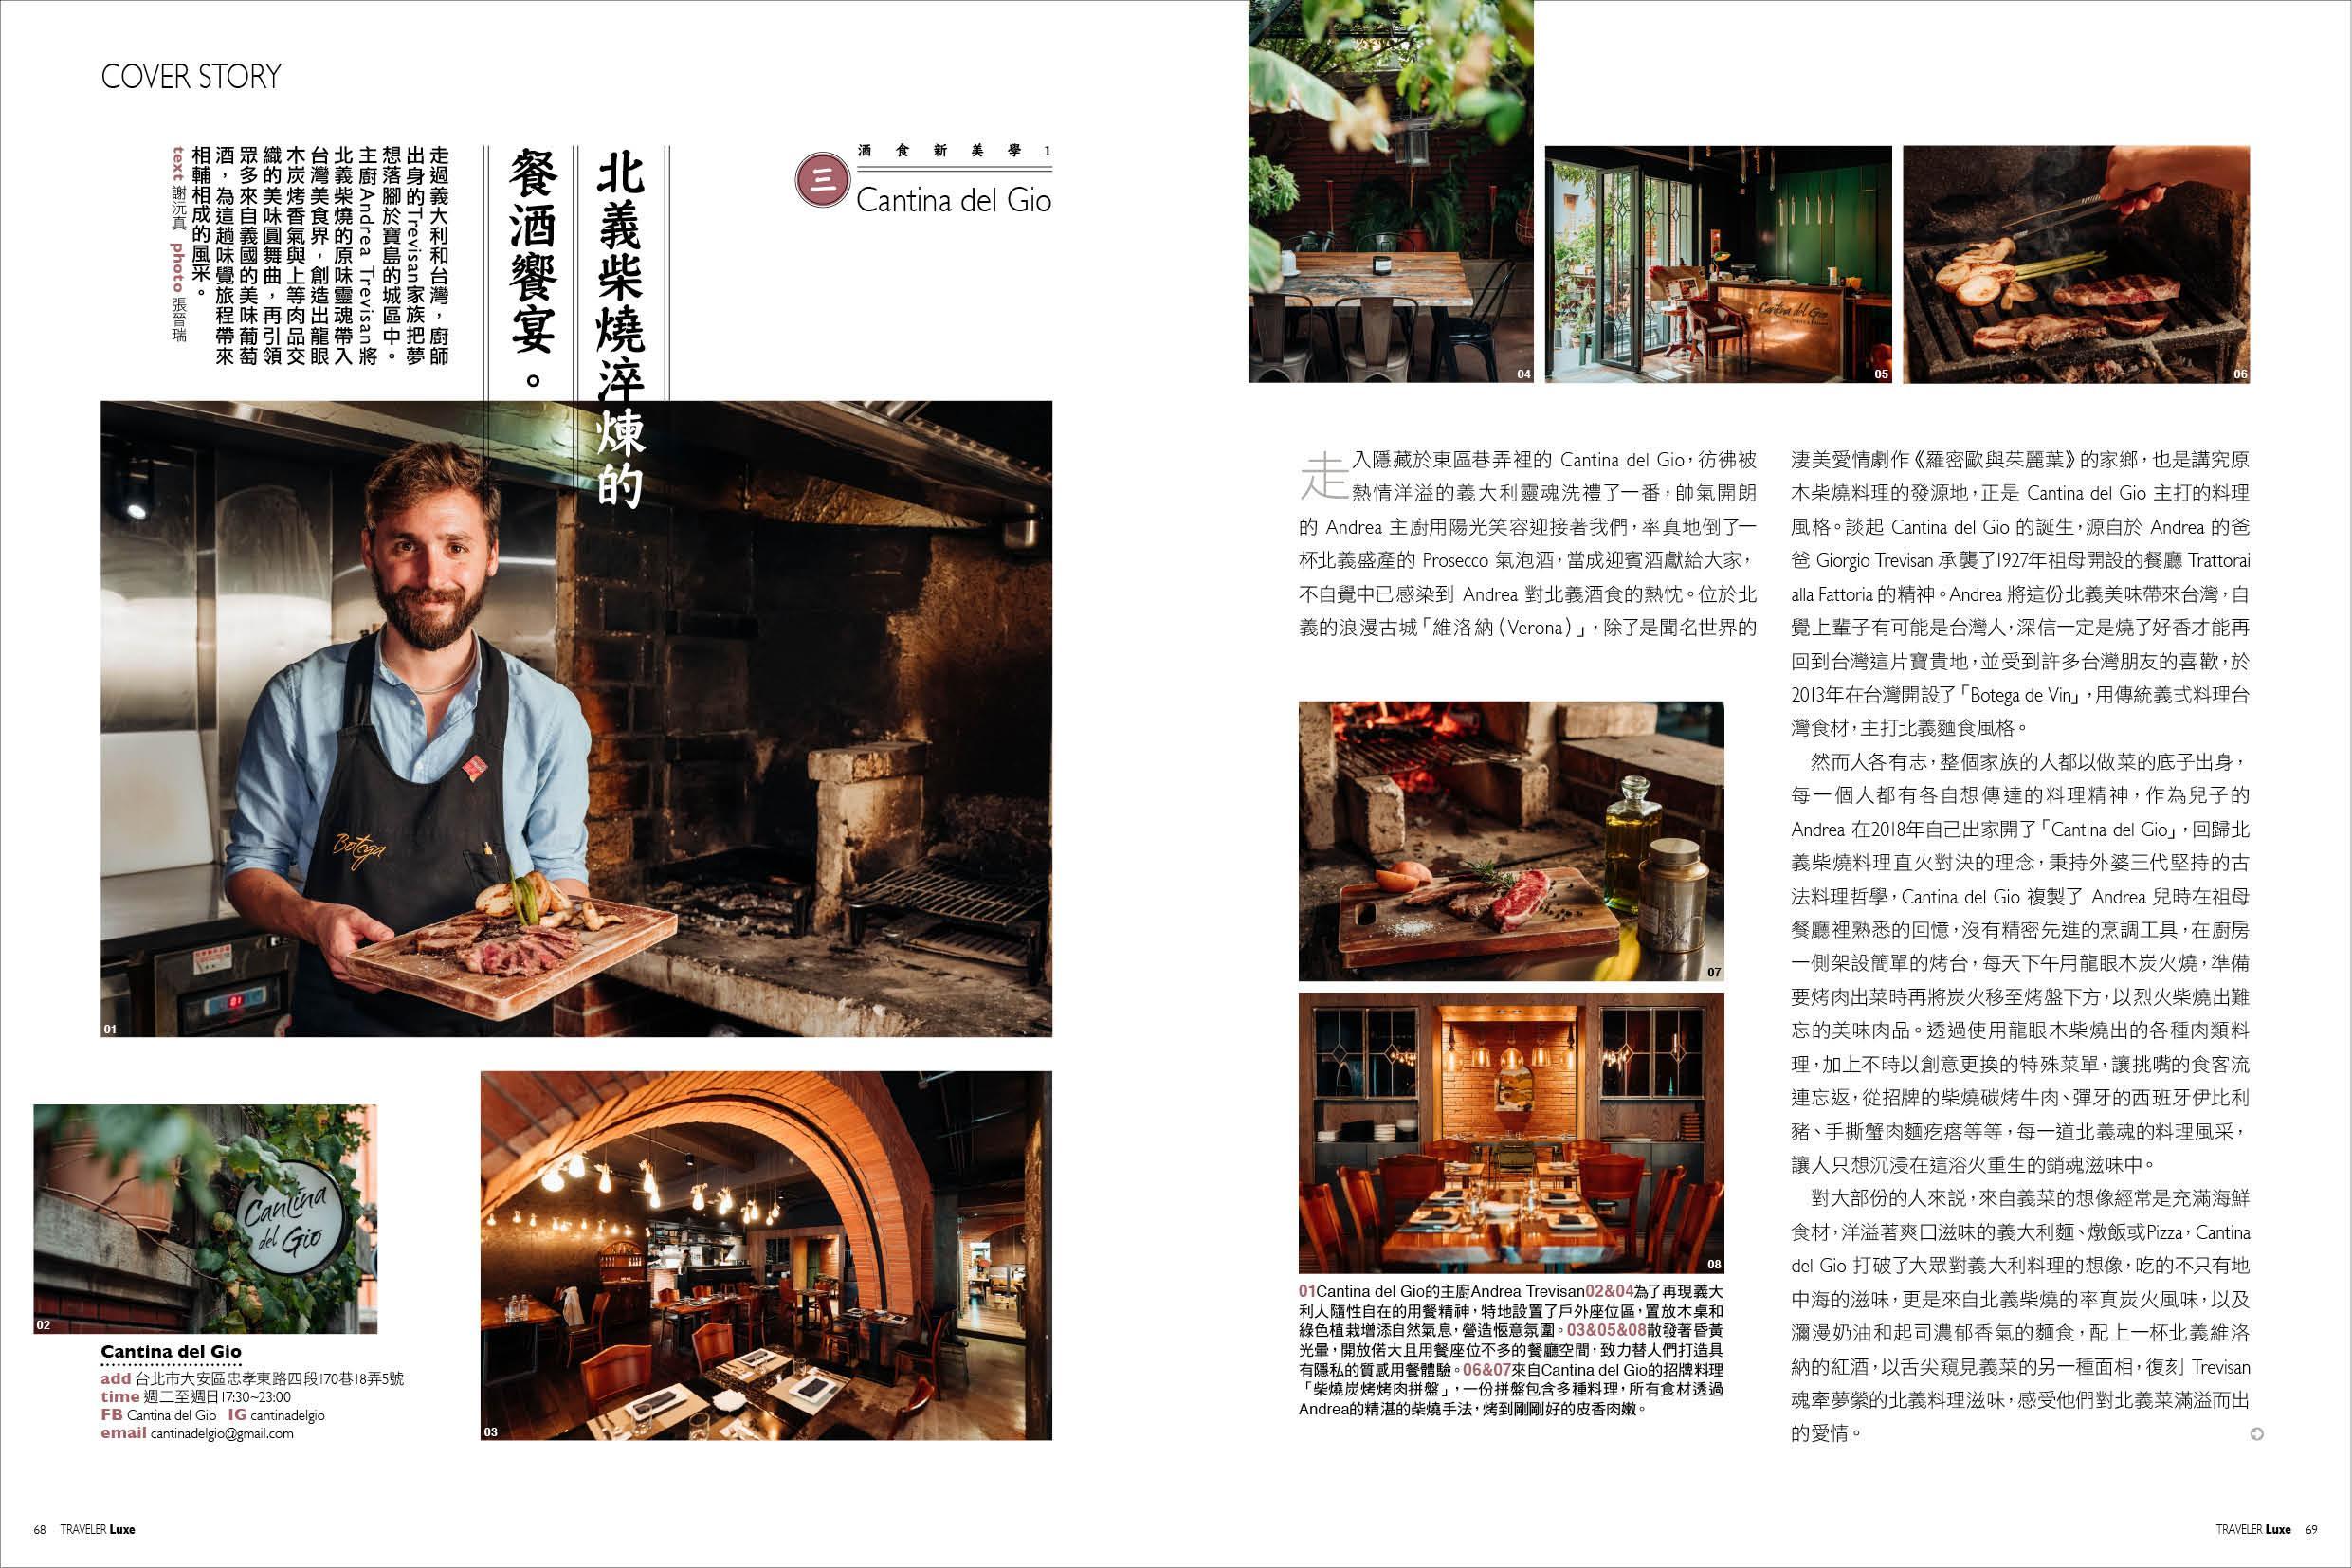 究極的味覺旅程,以美食美酒探索台灣 pic5